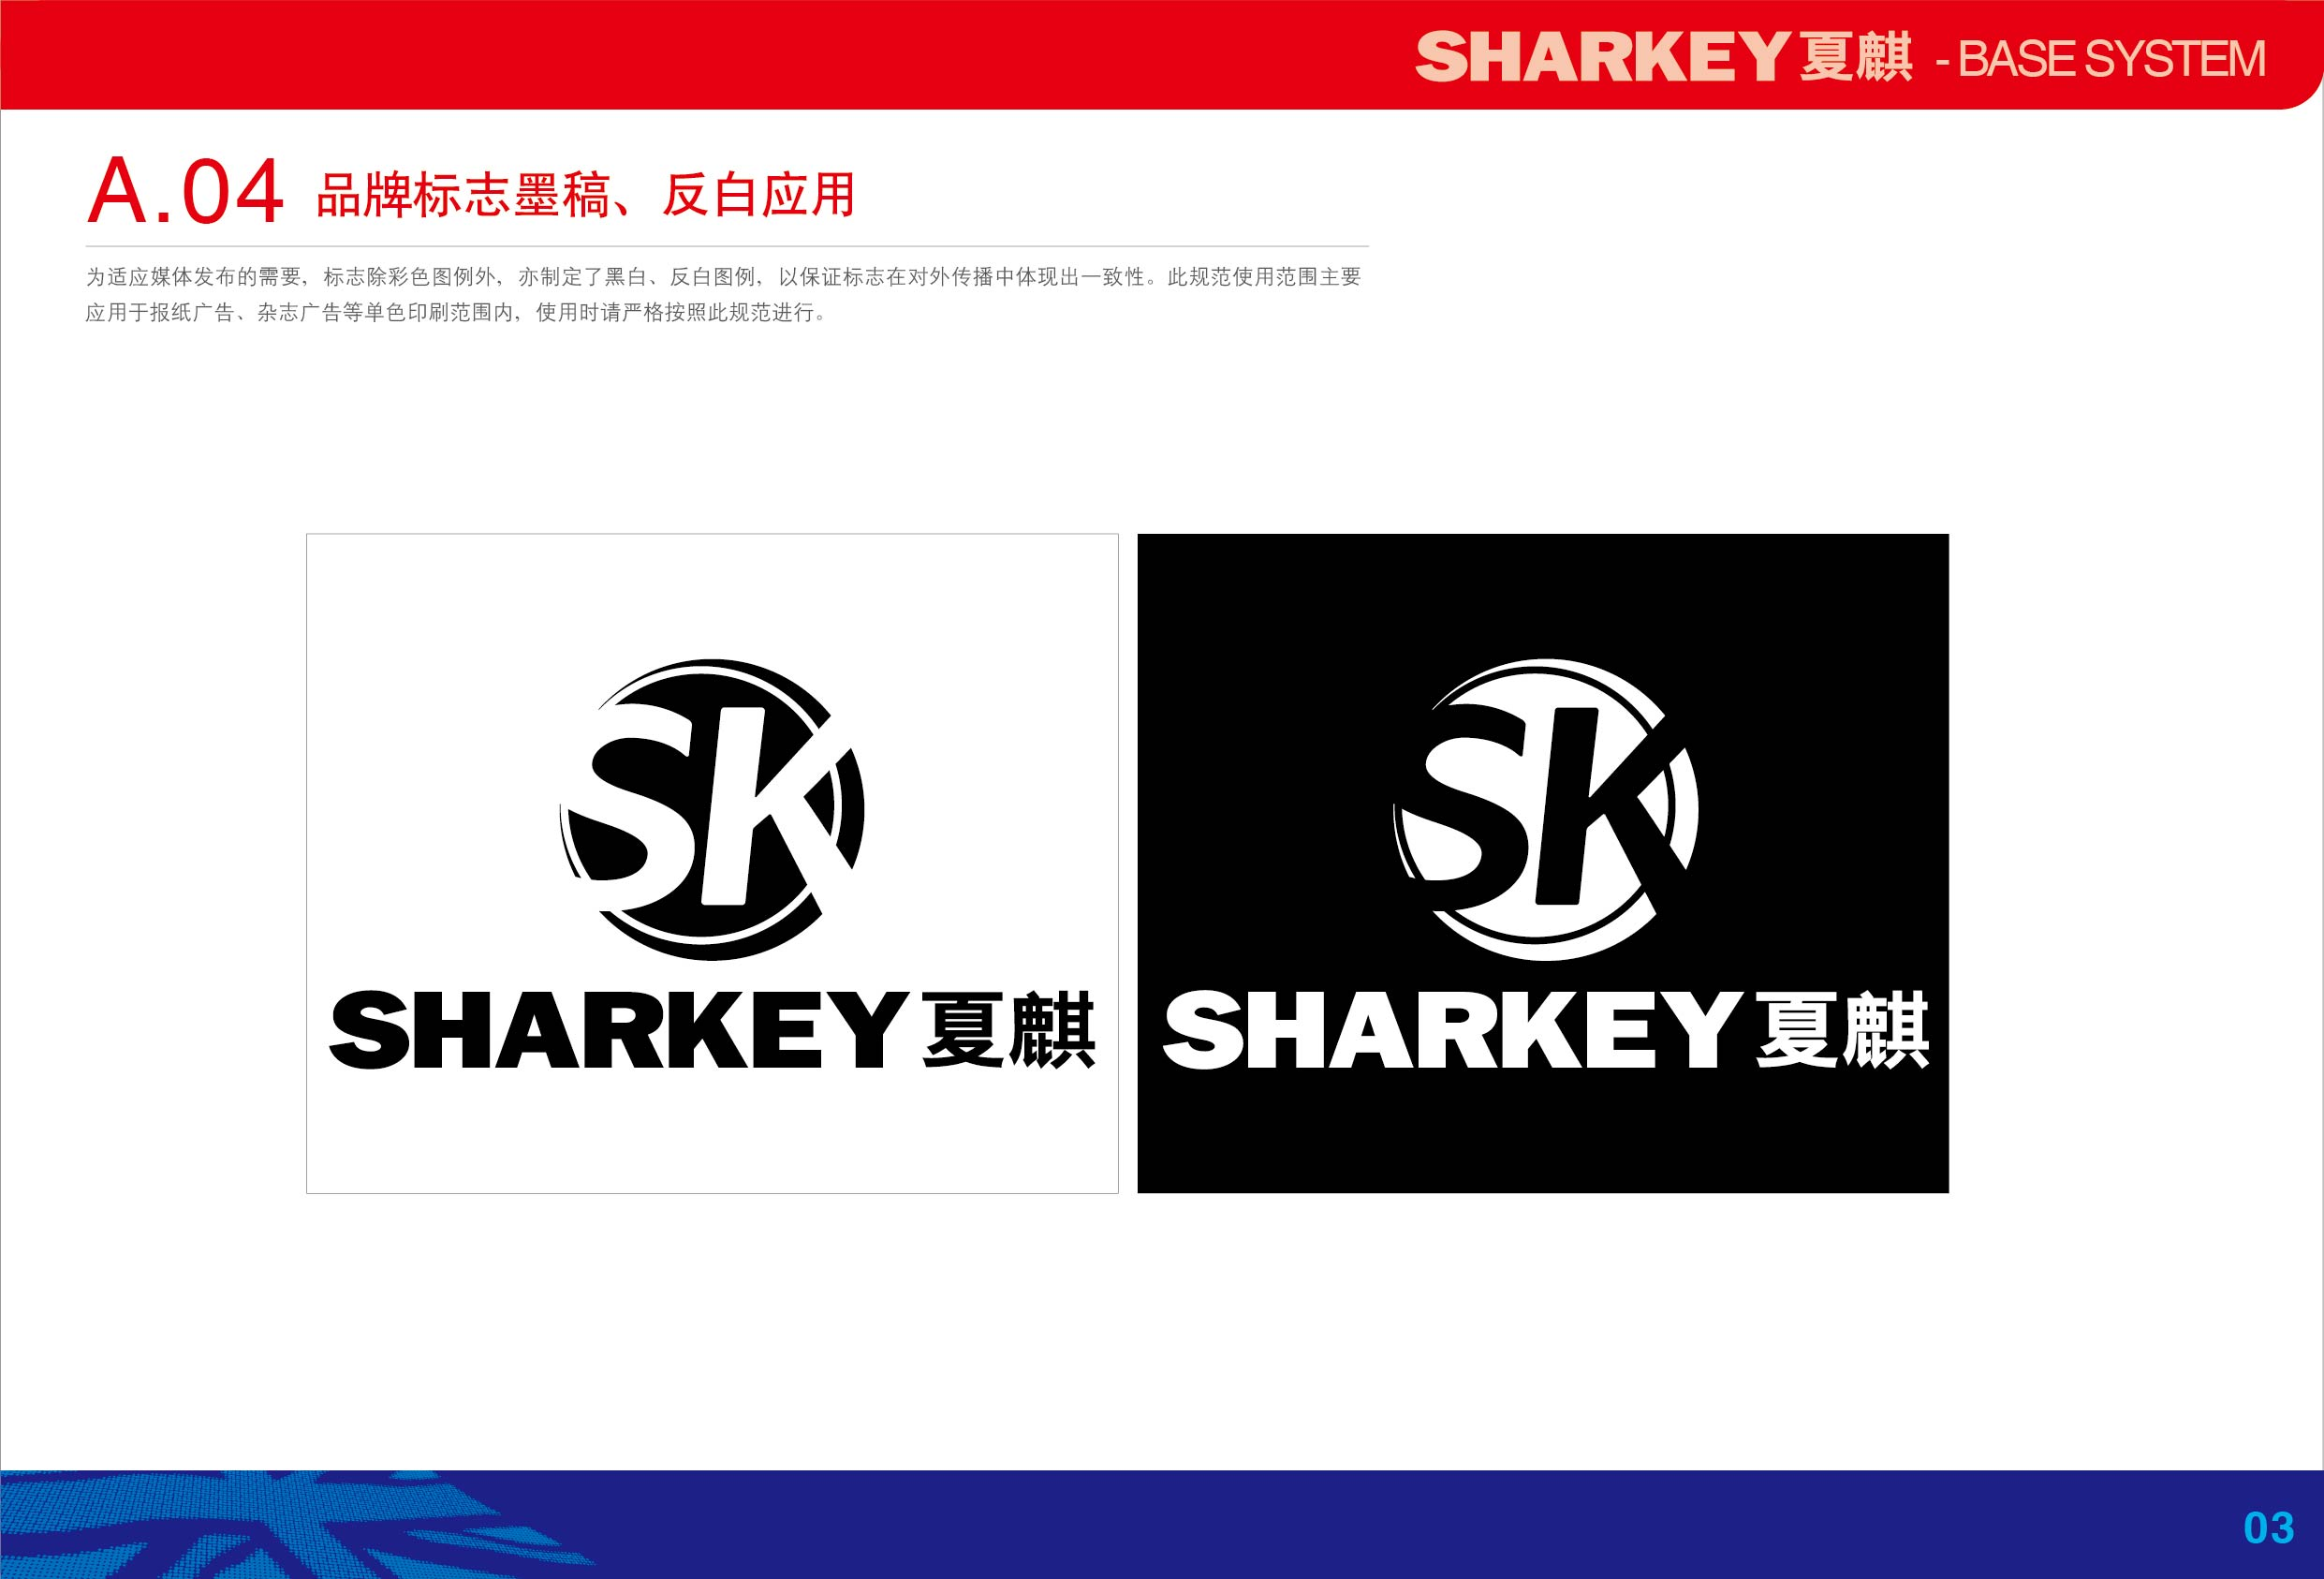 A夏麒logo-基础系统.aiA-05